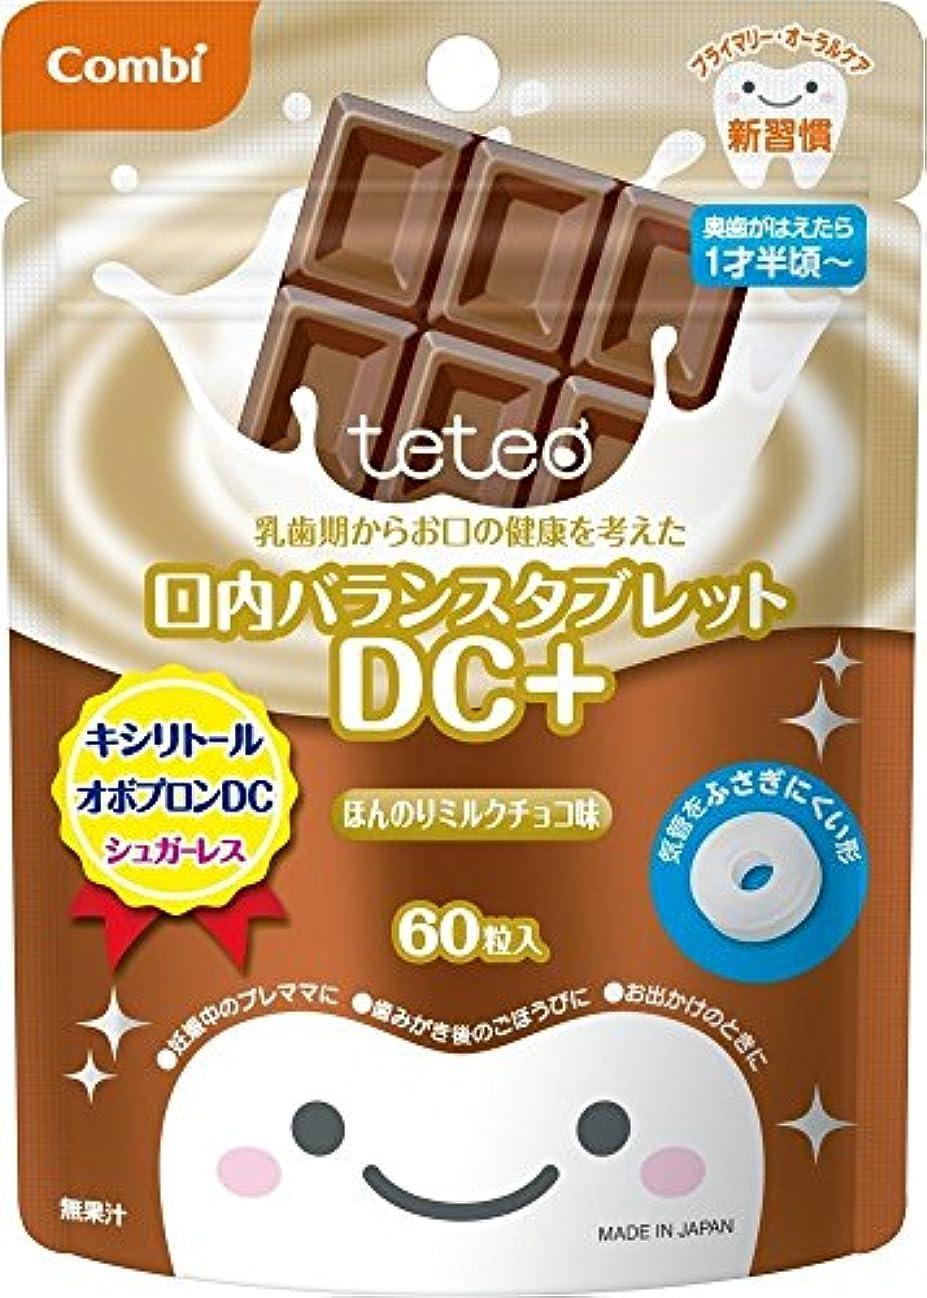 コンビ テテオ 乳歯期からお口の健康を考えた口内バランスタブレット DC+ ほんのりミルクチョコ味 60粒